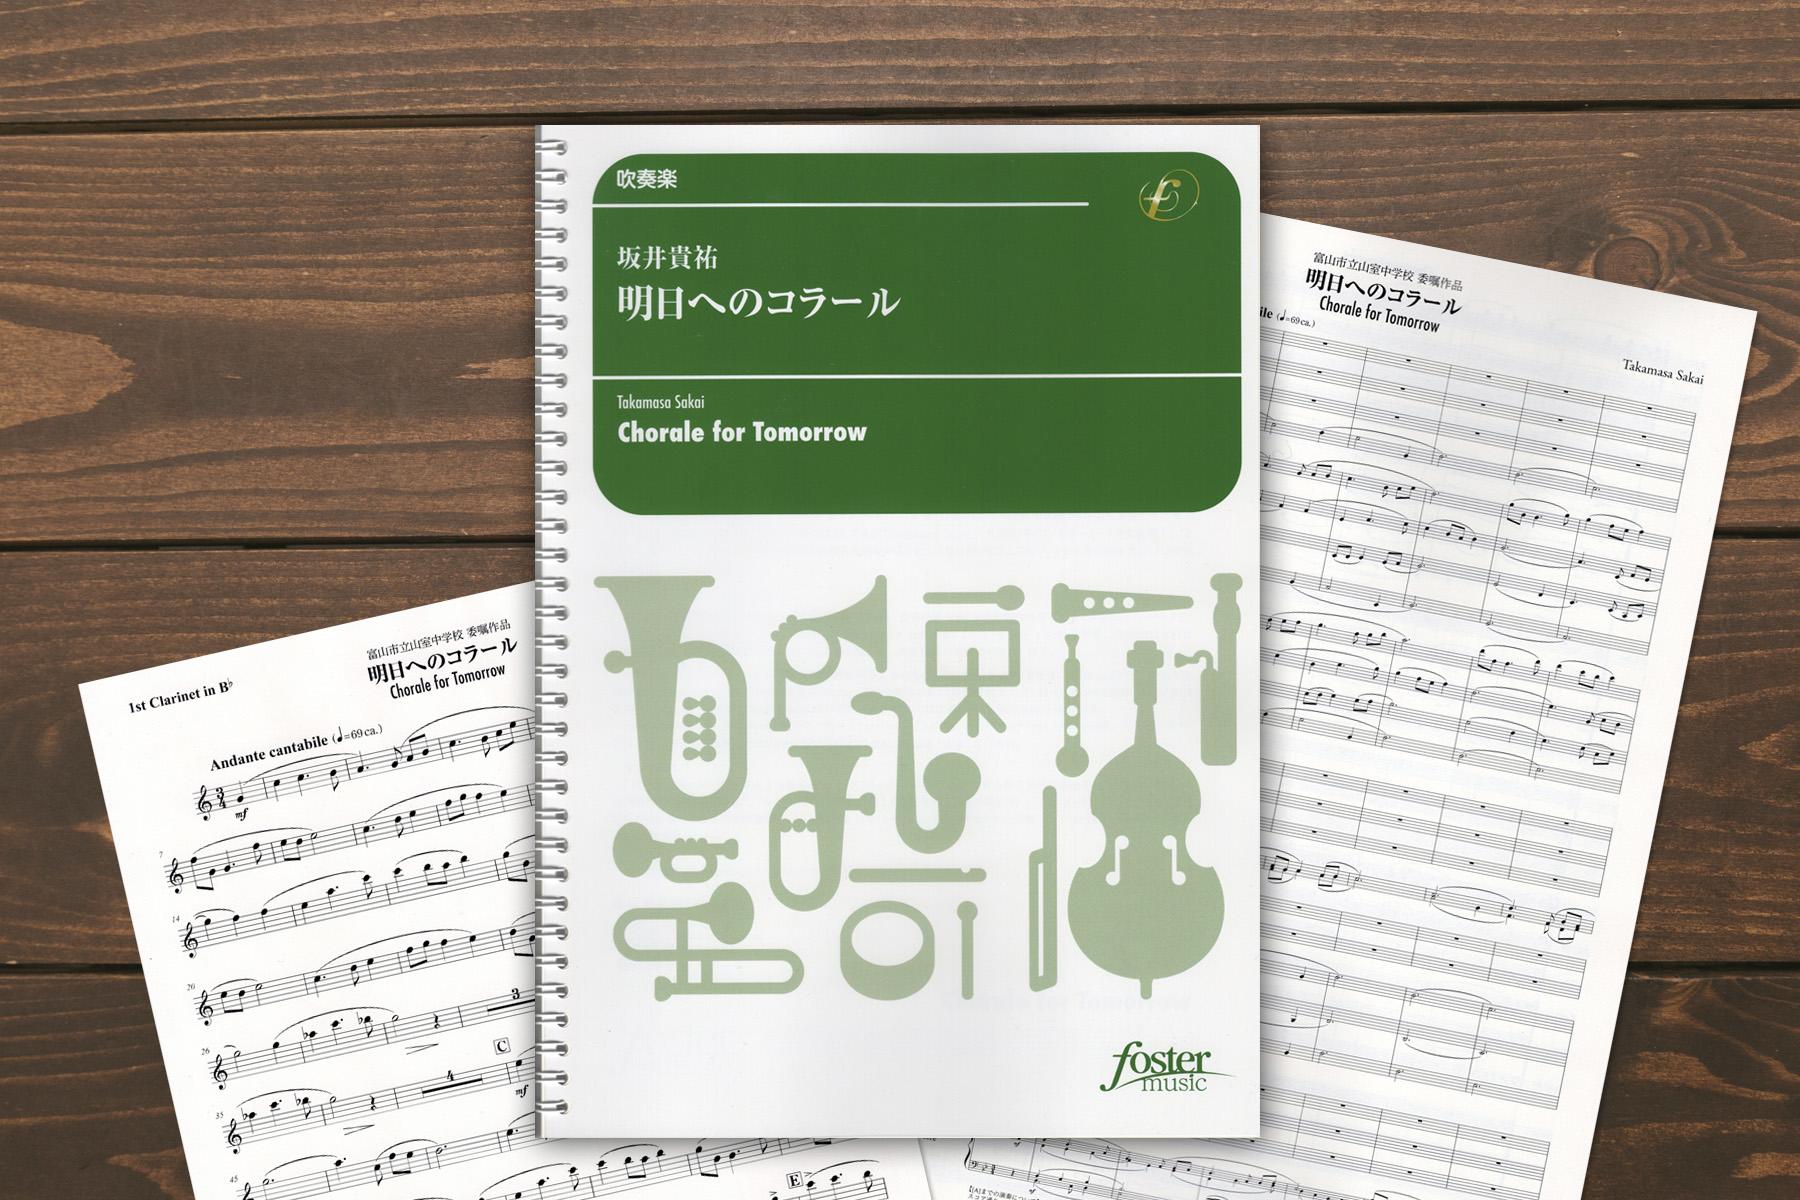 フォスターミュージックより『明日へのコラール』(坂井貴祐 作曲)が出版されました。